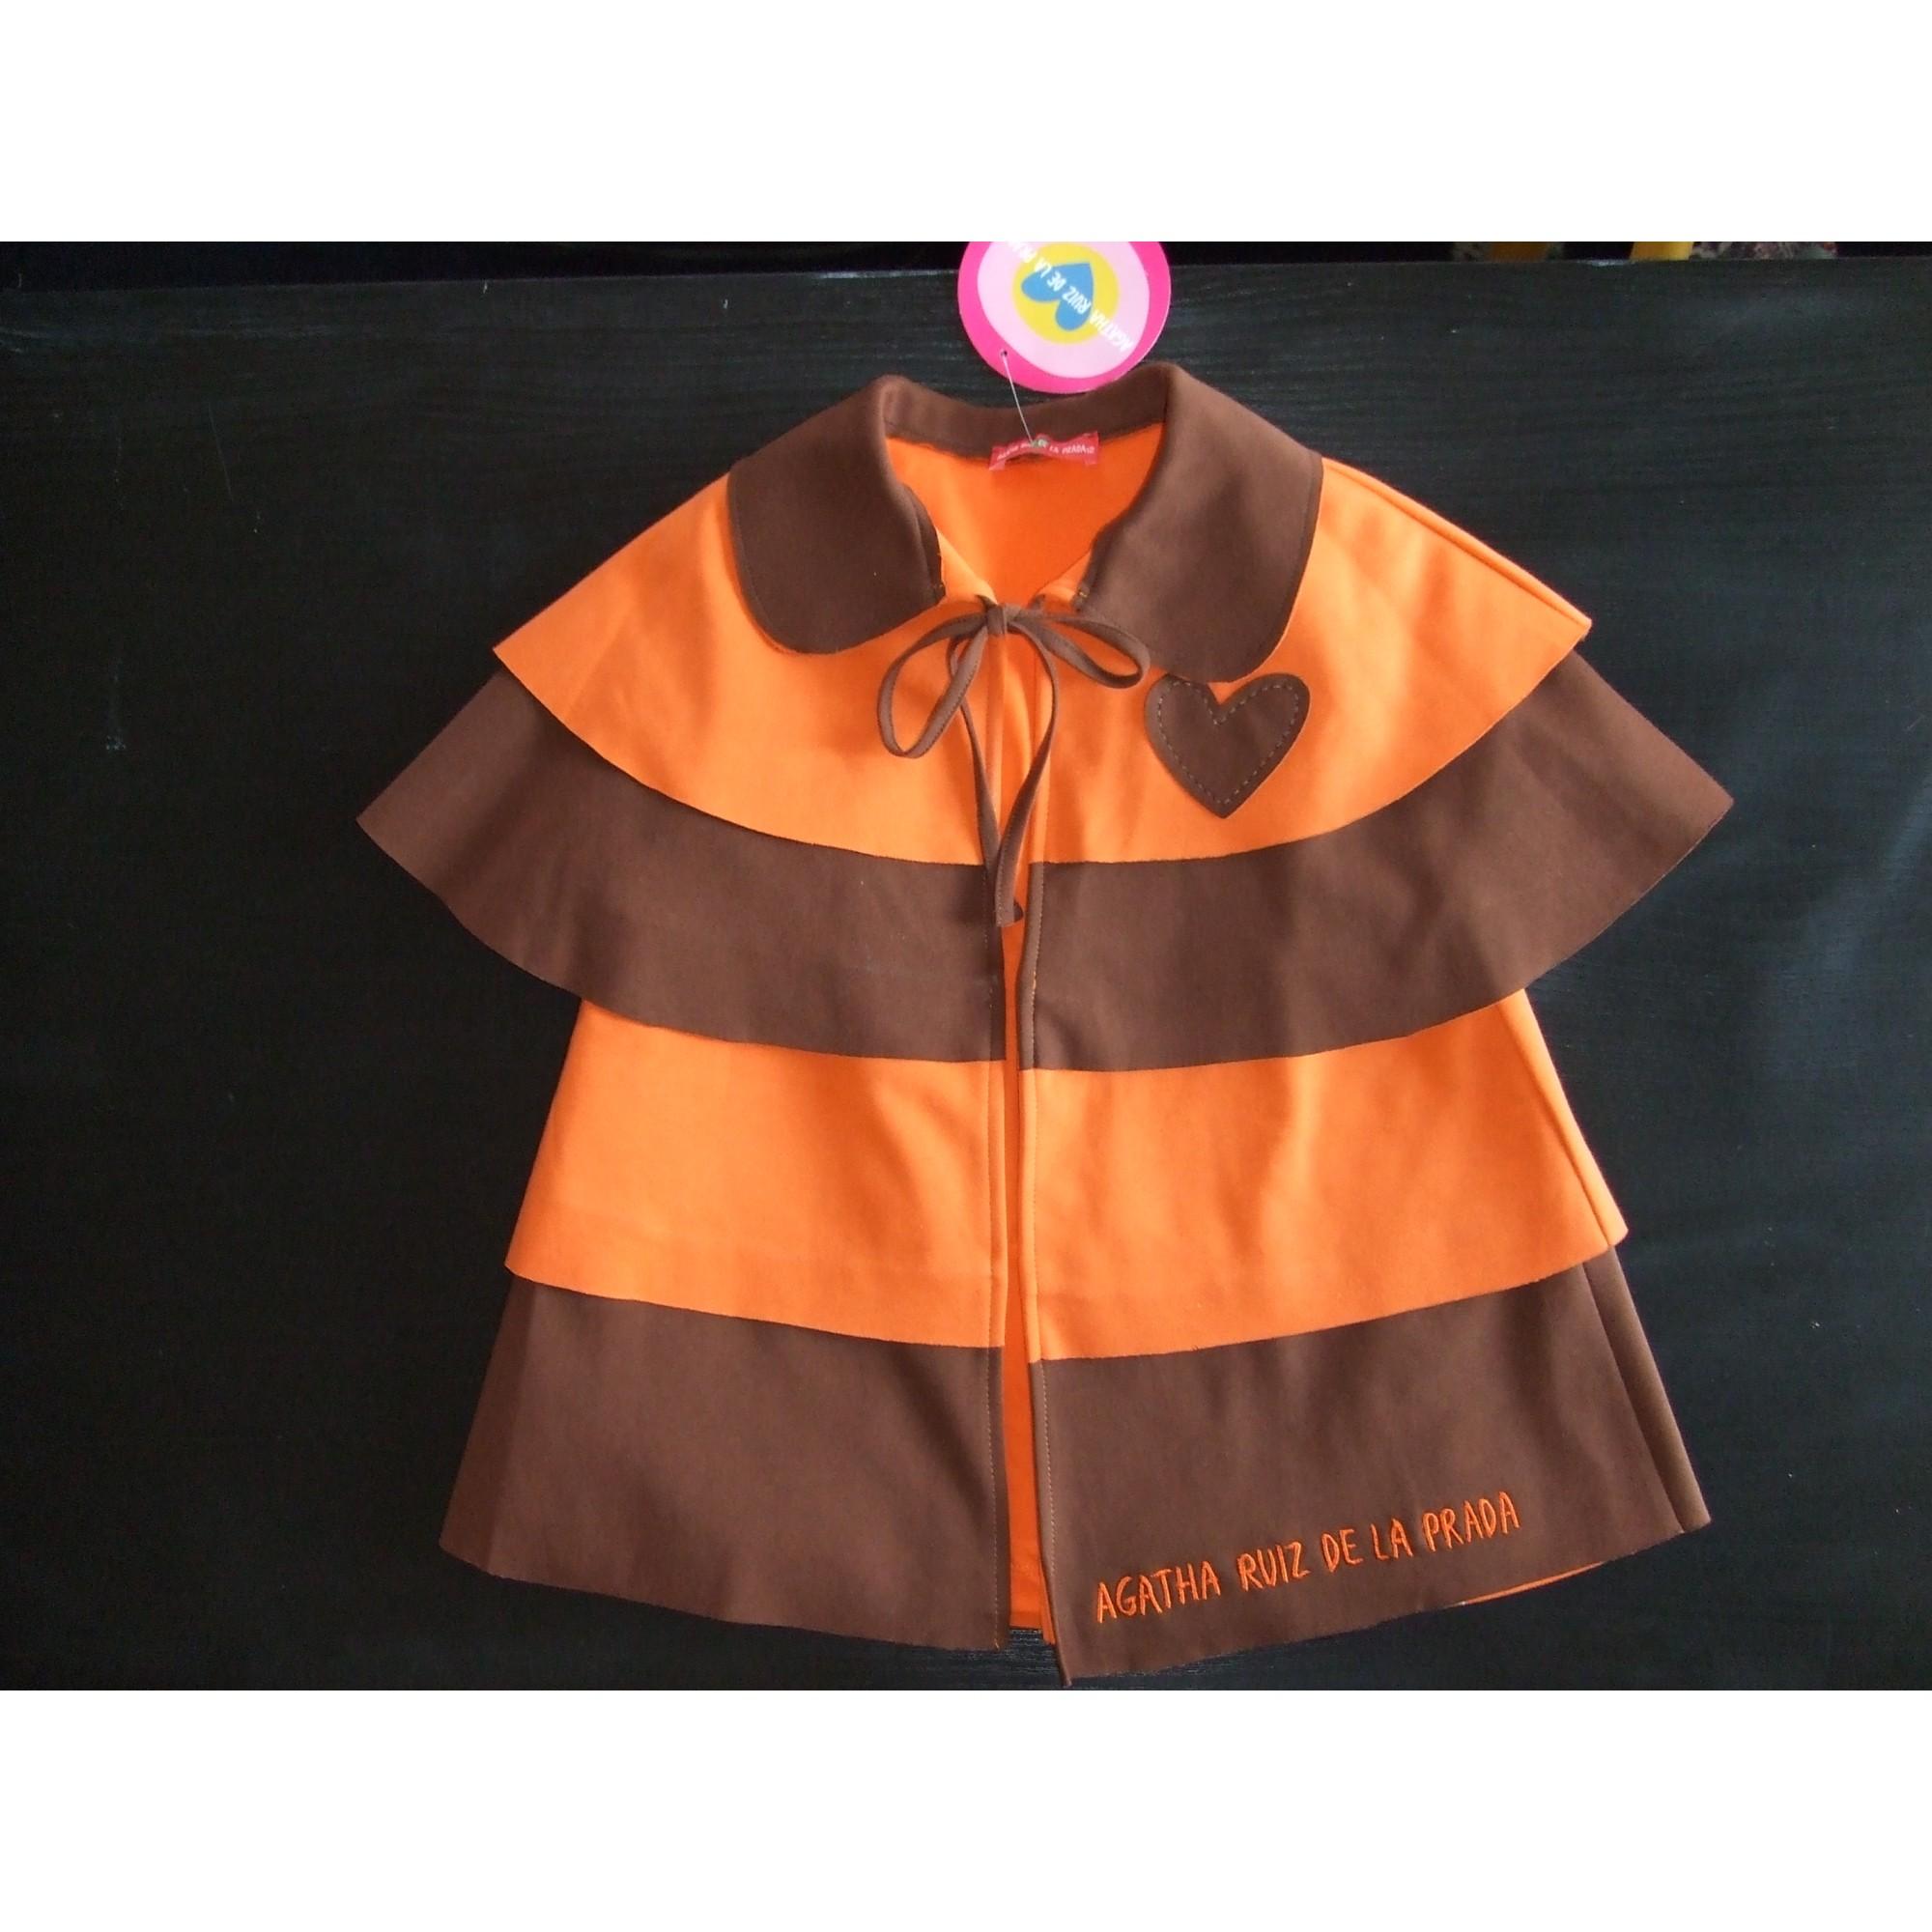 Veste AGATHA RUIZ DE LA PRADA 11-12 ans orange - 927252 9d84d3854505